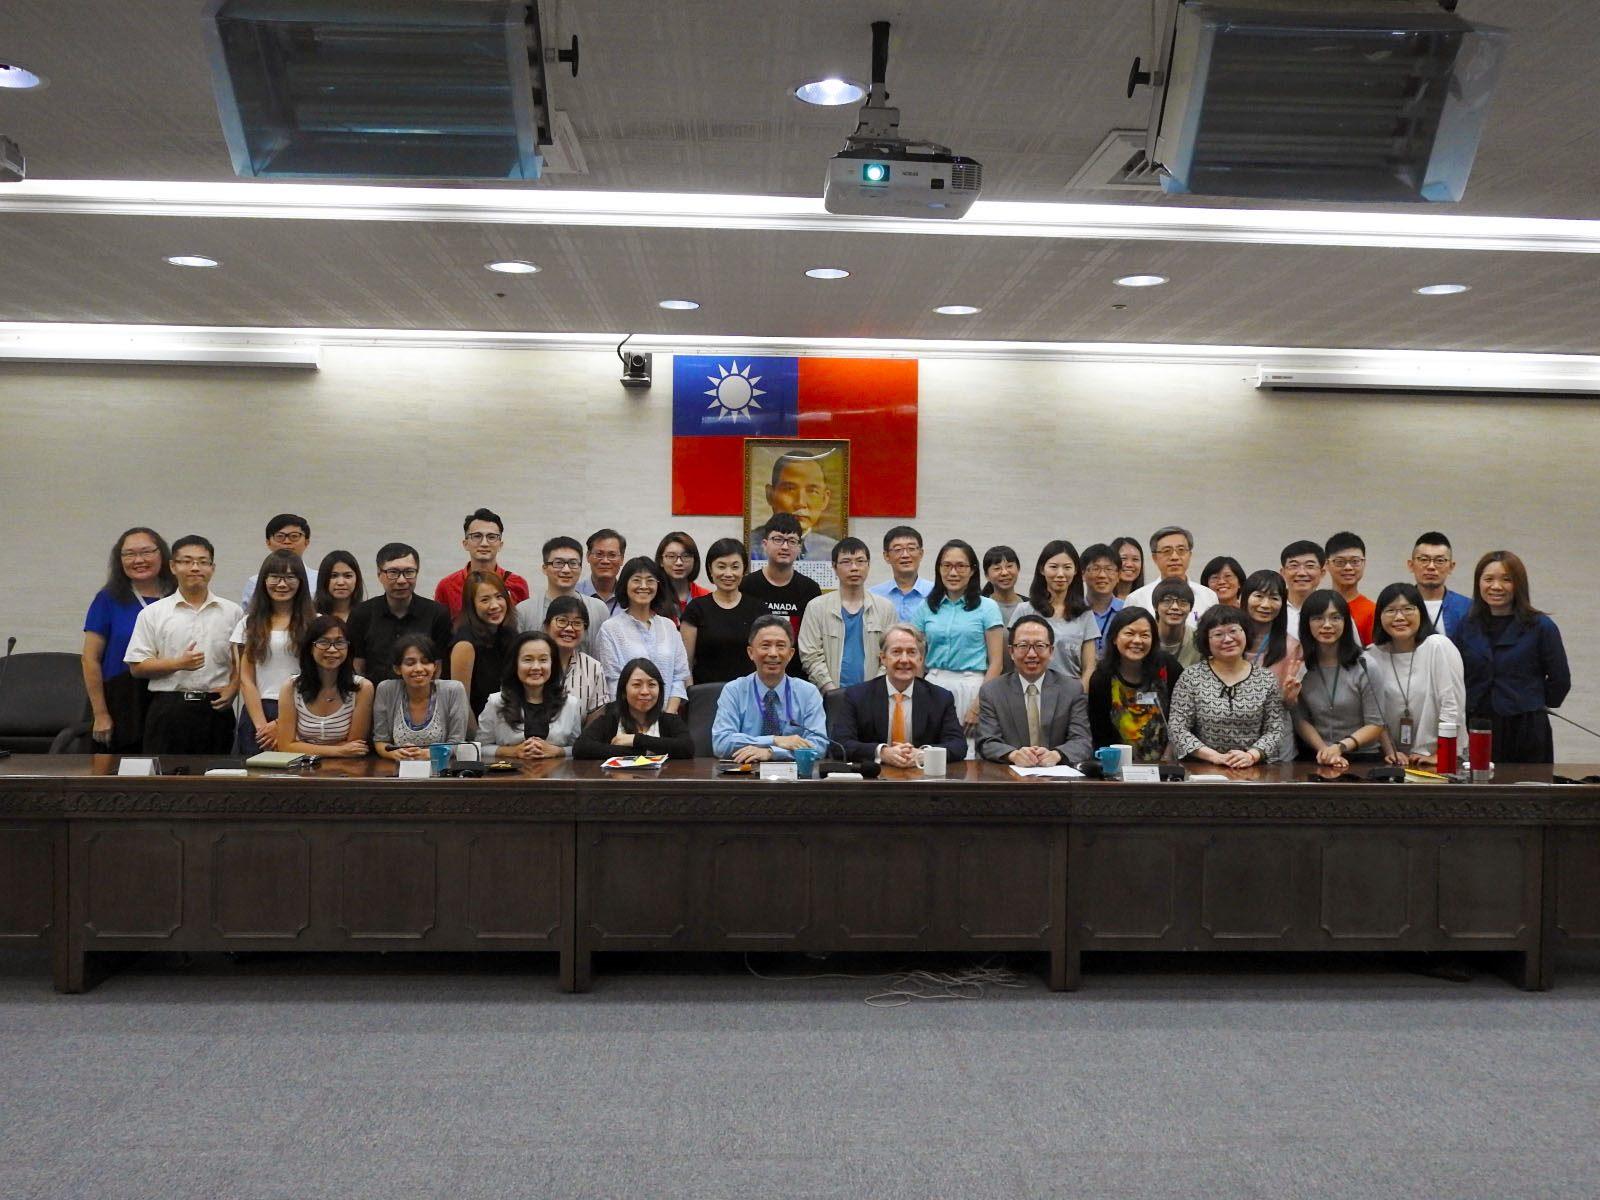 20190828_國際人才培訓班-周台竹大使(Tom Chou)與荷蘭貿易投資處紀維德(Guy Wittich)處長